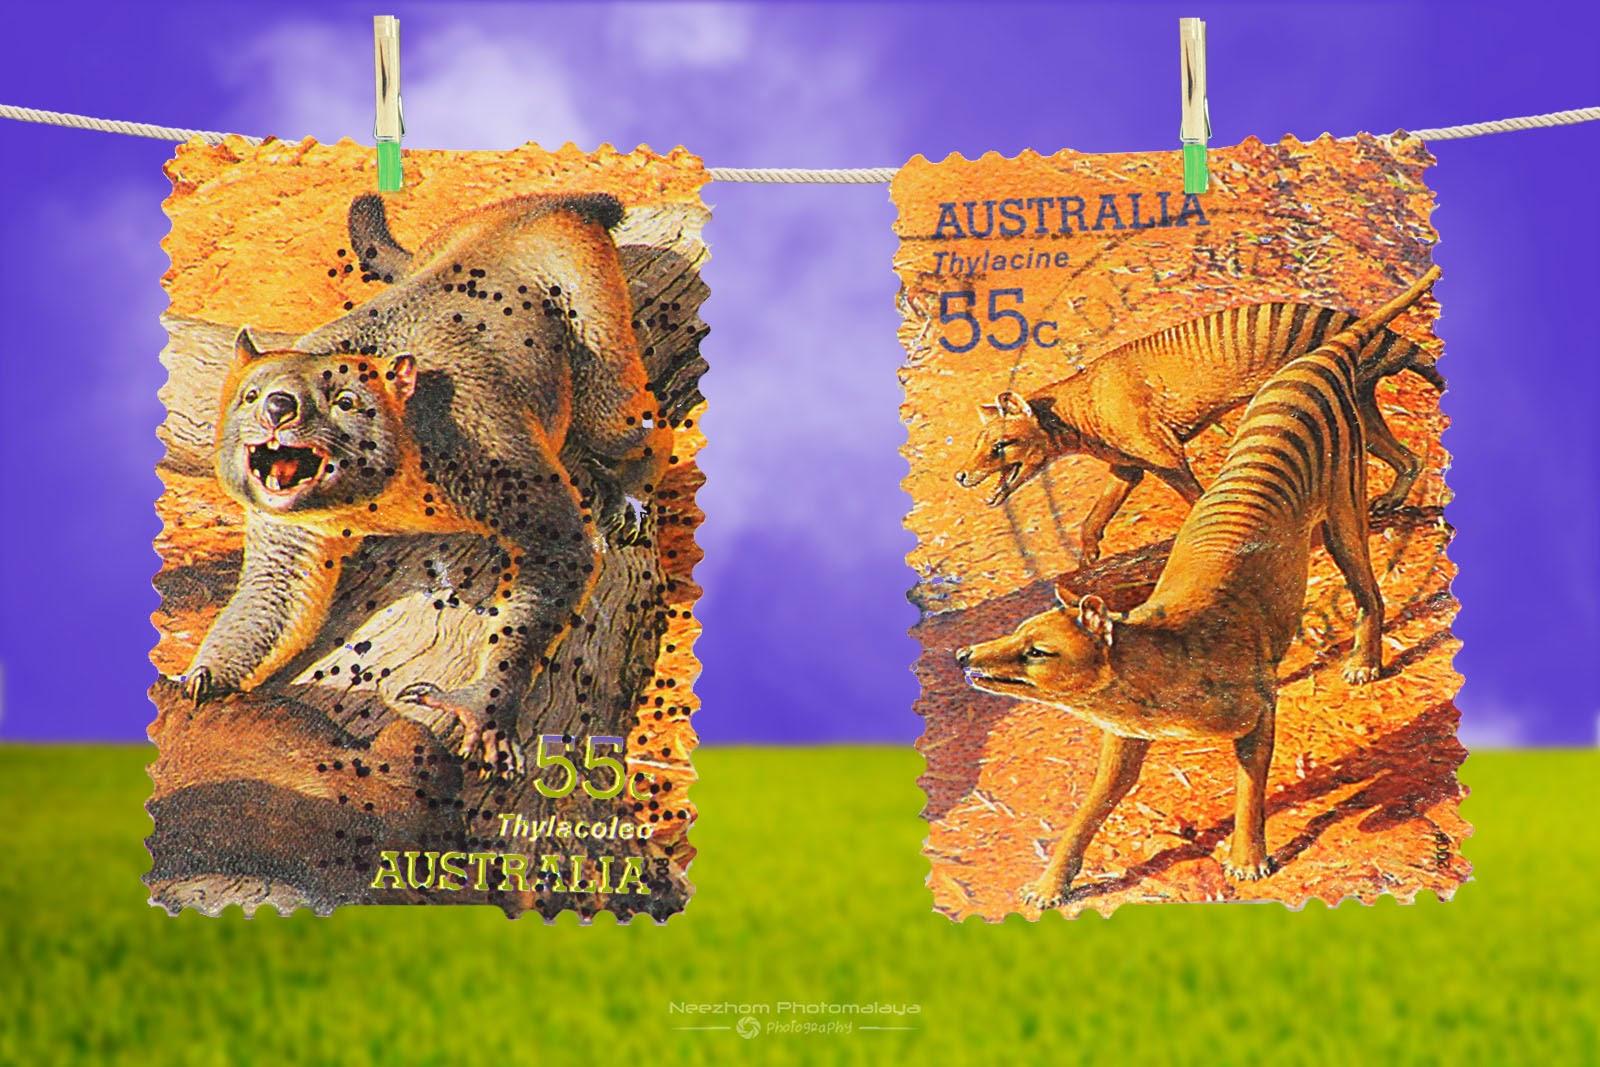 Australia 2008 Mega Fauna stamps - Thylacoleo 55c, Thylacine 55c